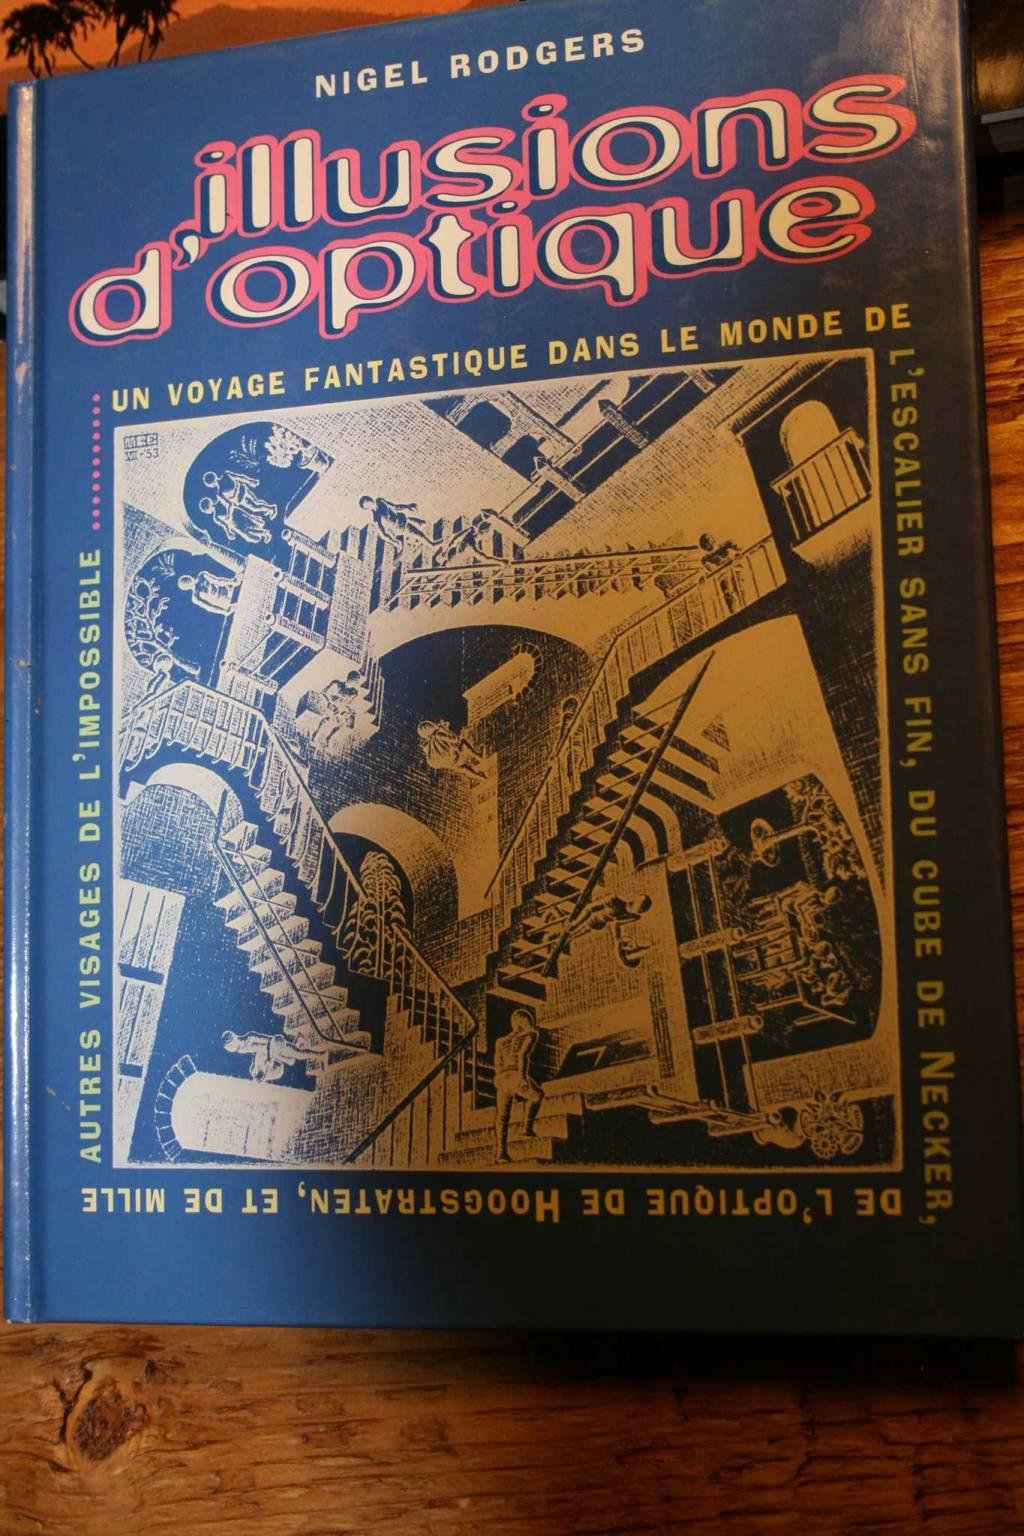 Illusions d 39 optique par nigel rodgers peinture dessin for Illusion d optique peinture